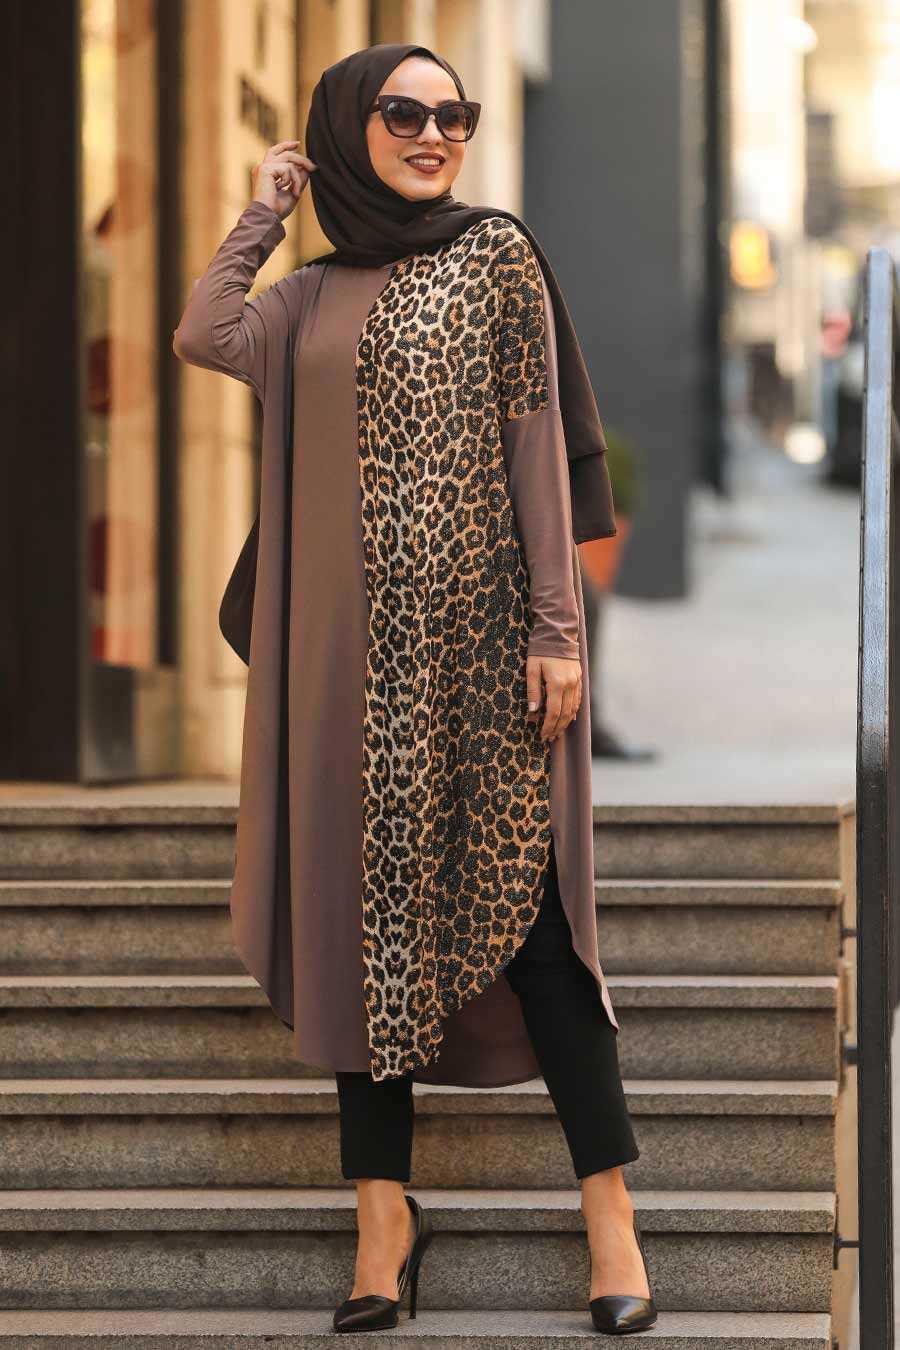 Leopard Patterned Mink Color Hijab Tunic4968V